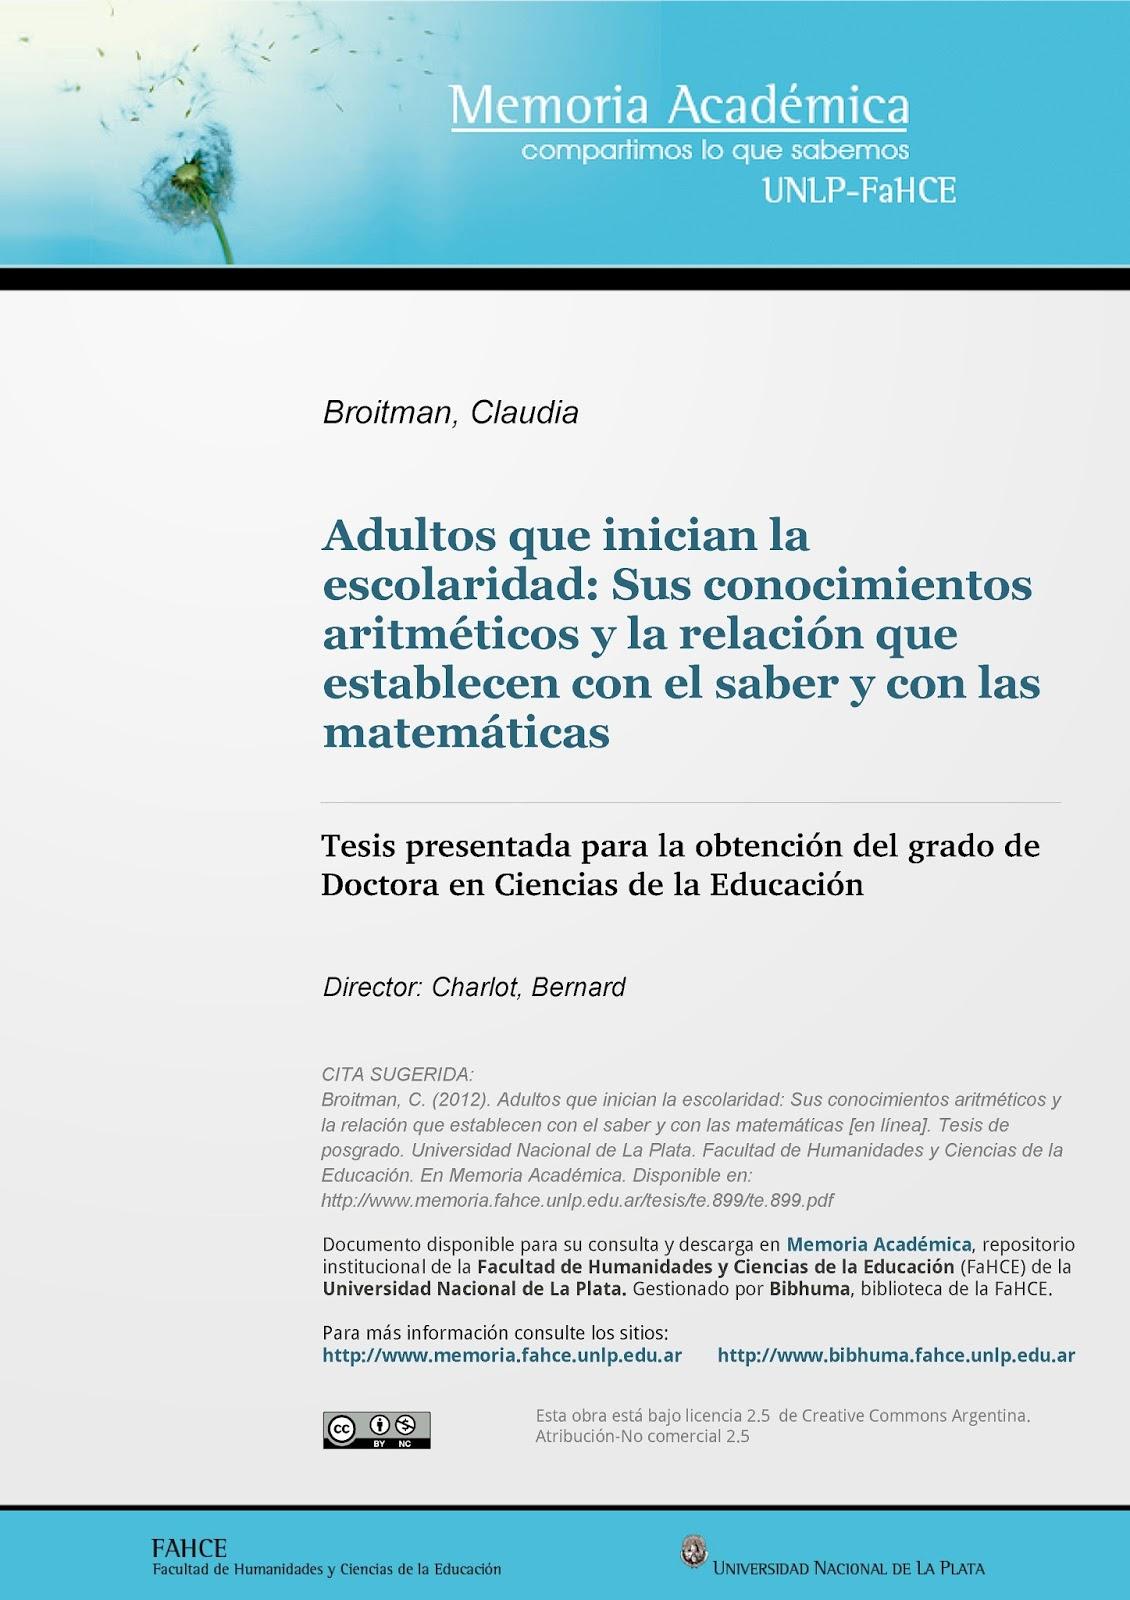 Adultos que inician la escolaridad: Sus conocimientos aritméticos y la relación que establecen con el saber y con las matemáticas